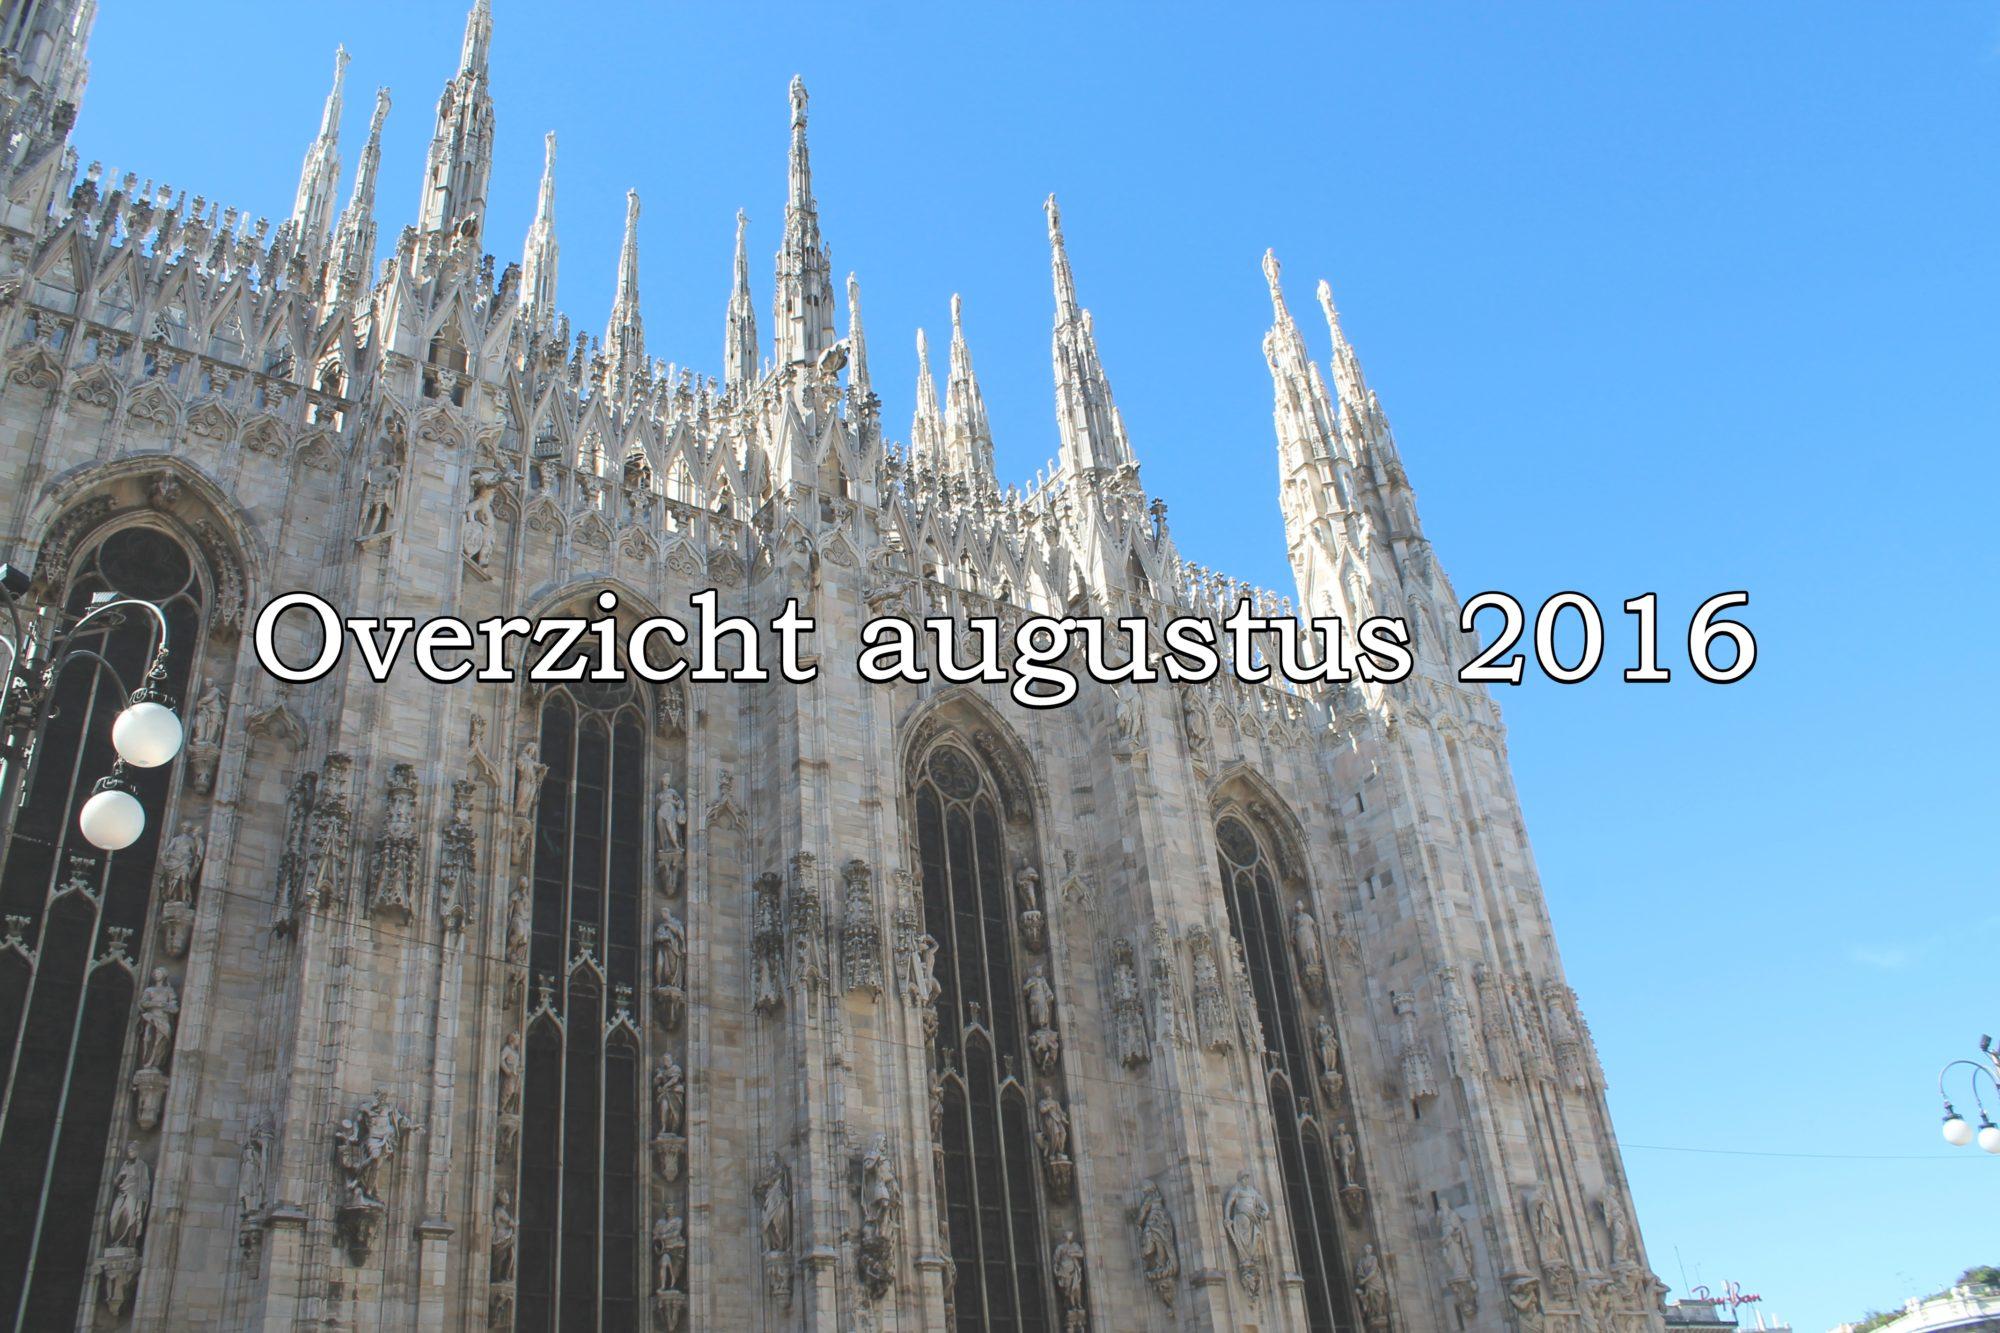 Overzicht van augustus